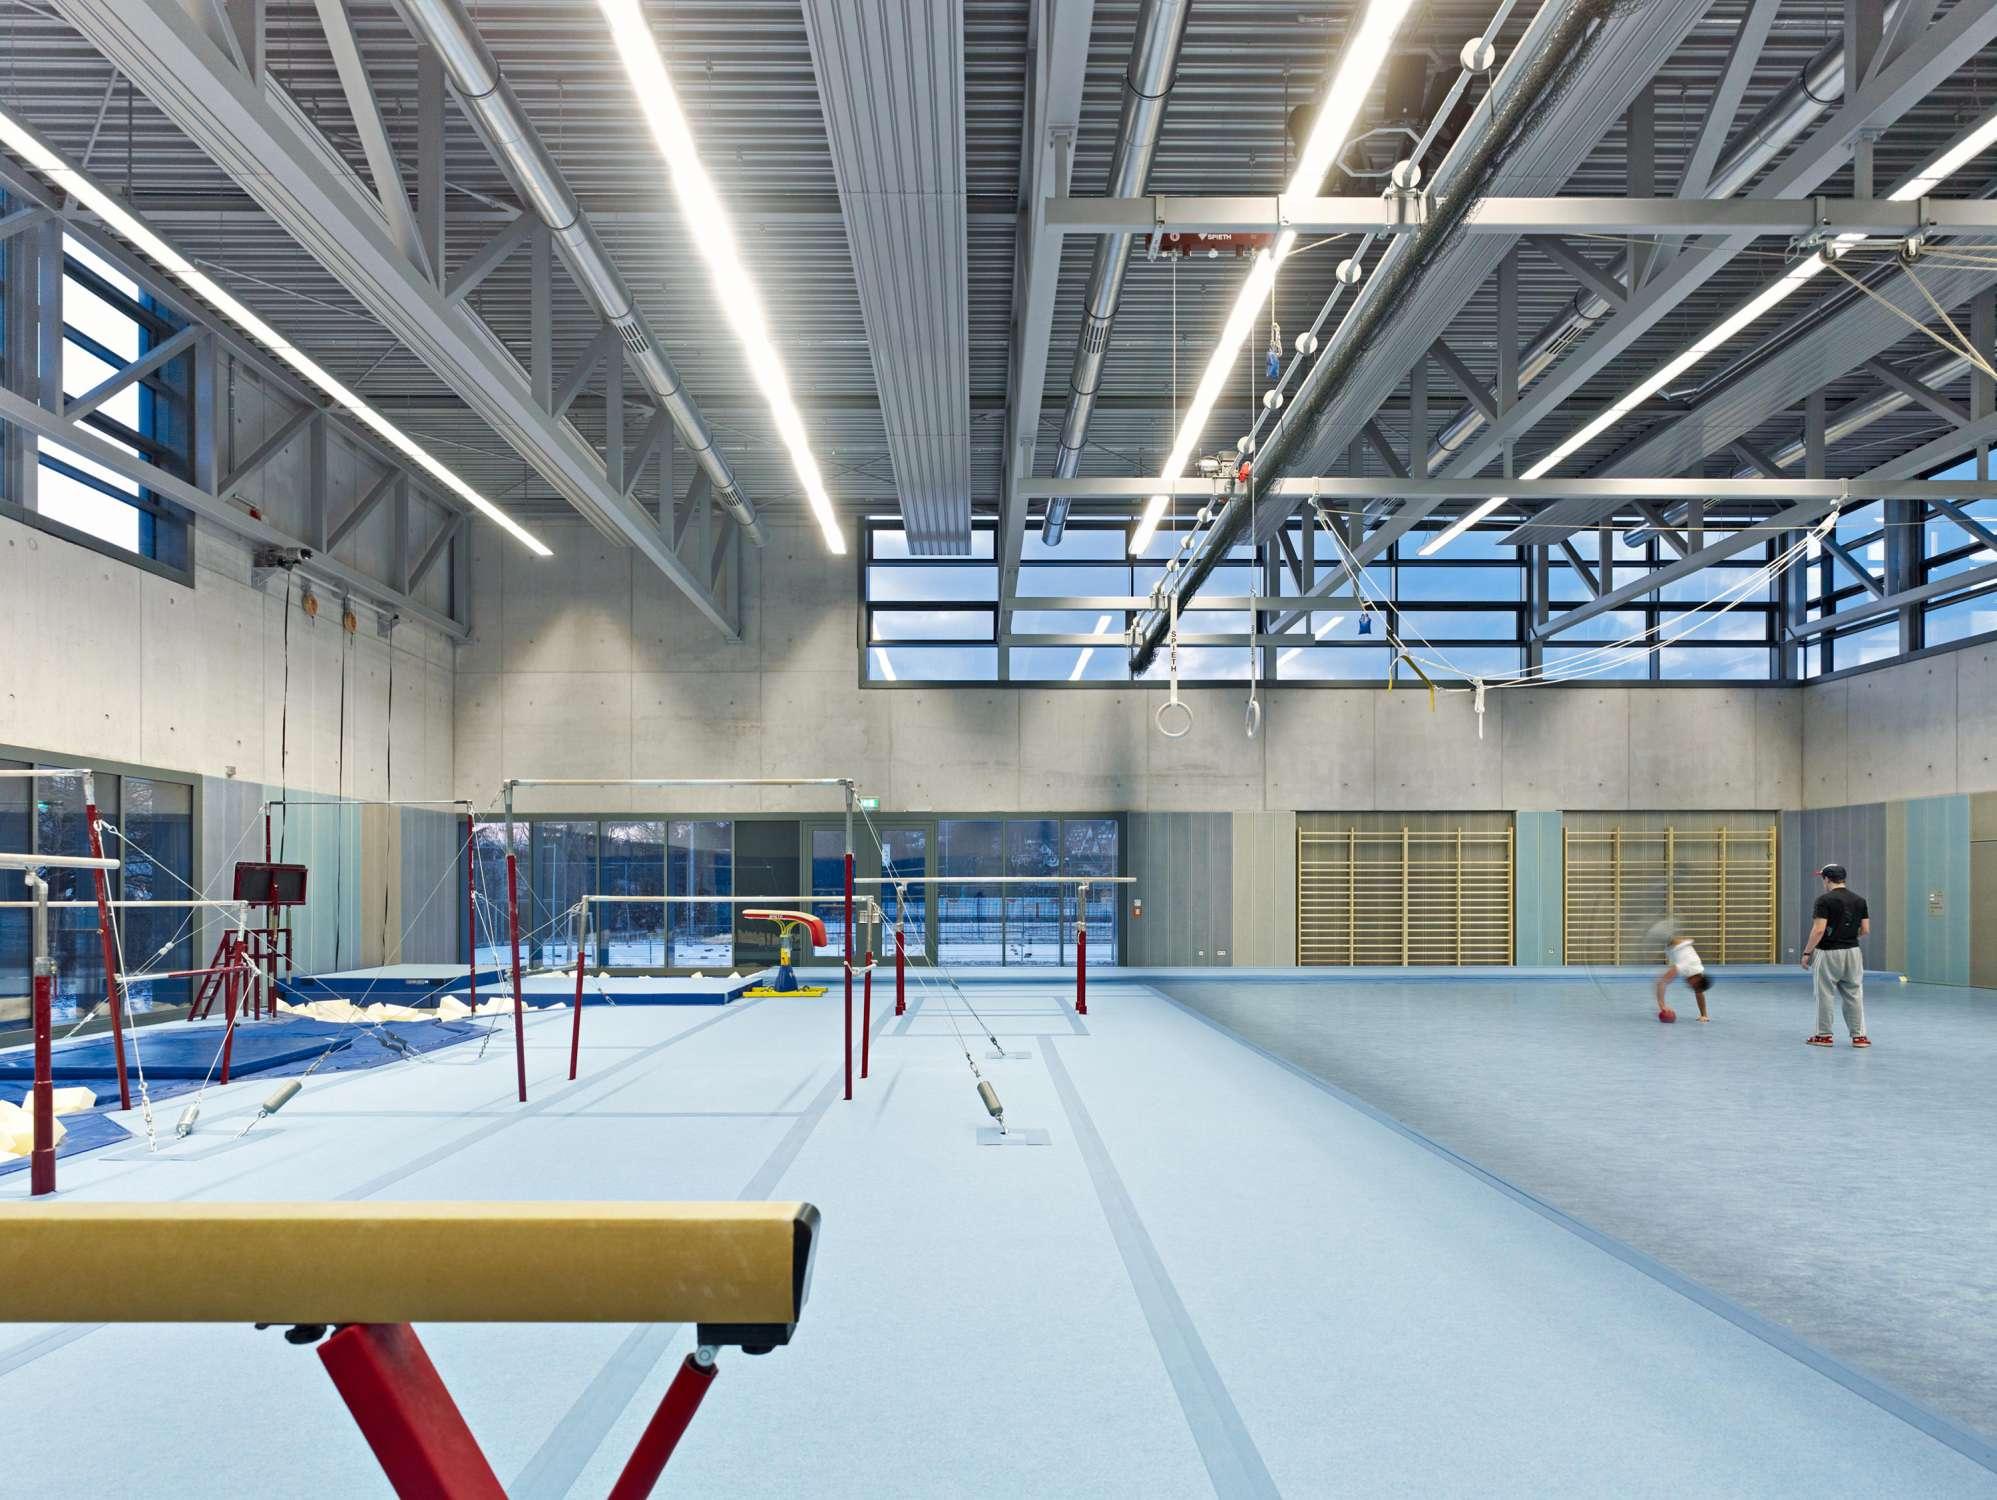 Universitätsturnhalle für Kunstturnen (2)